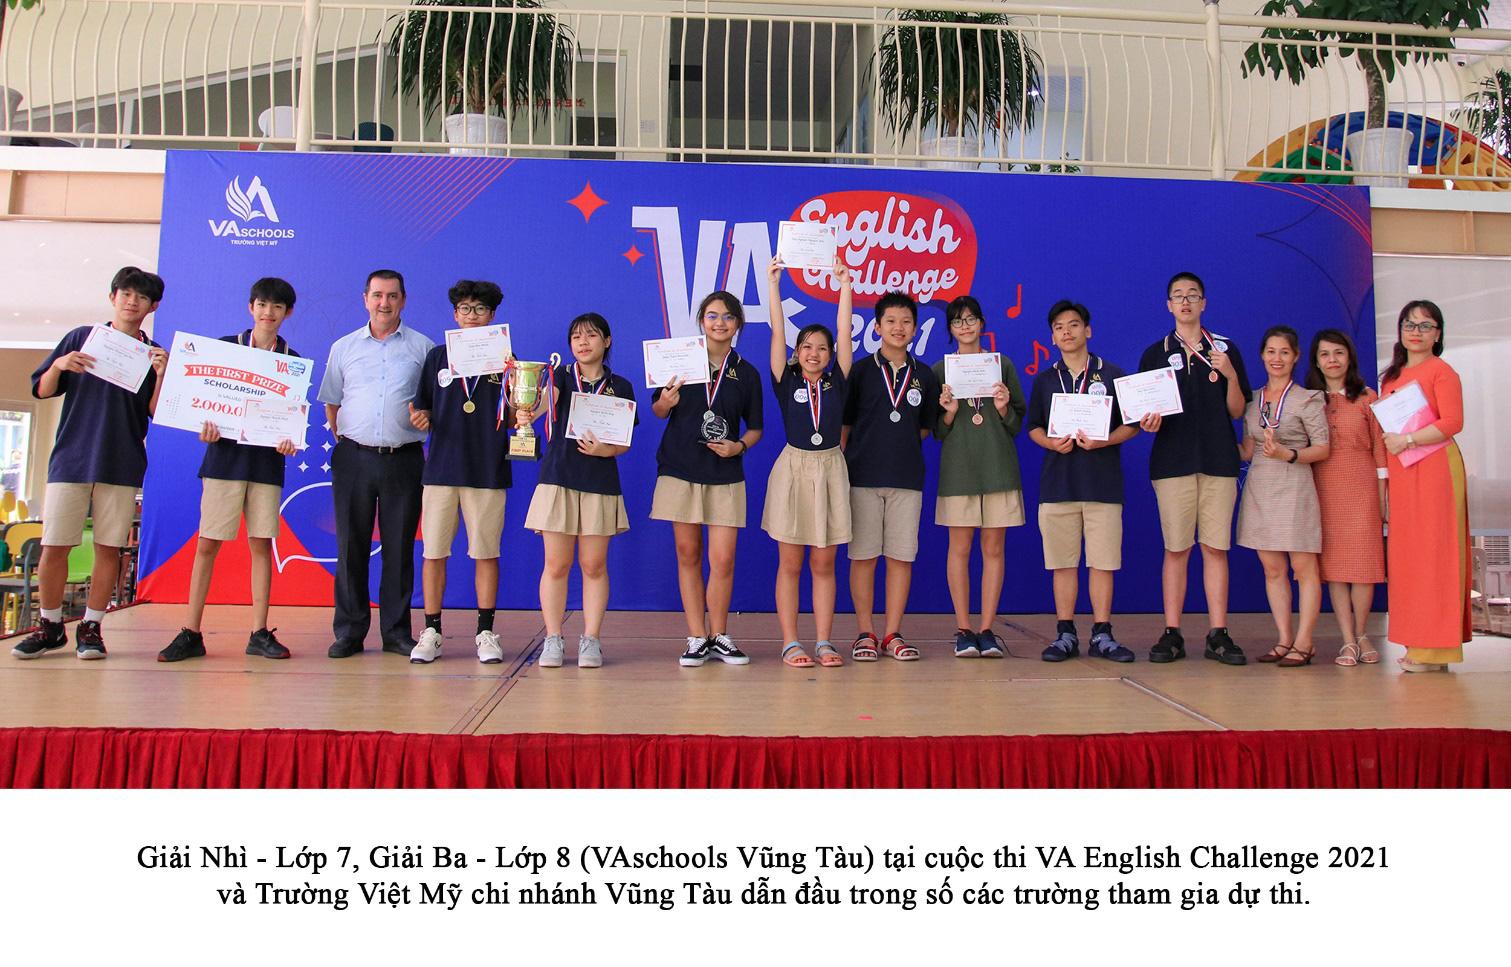 Những gương mặt trẻ tiêu biểu của trường Việt Mỹ Vũng Tàu - Ảnh 8.